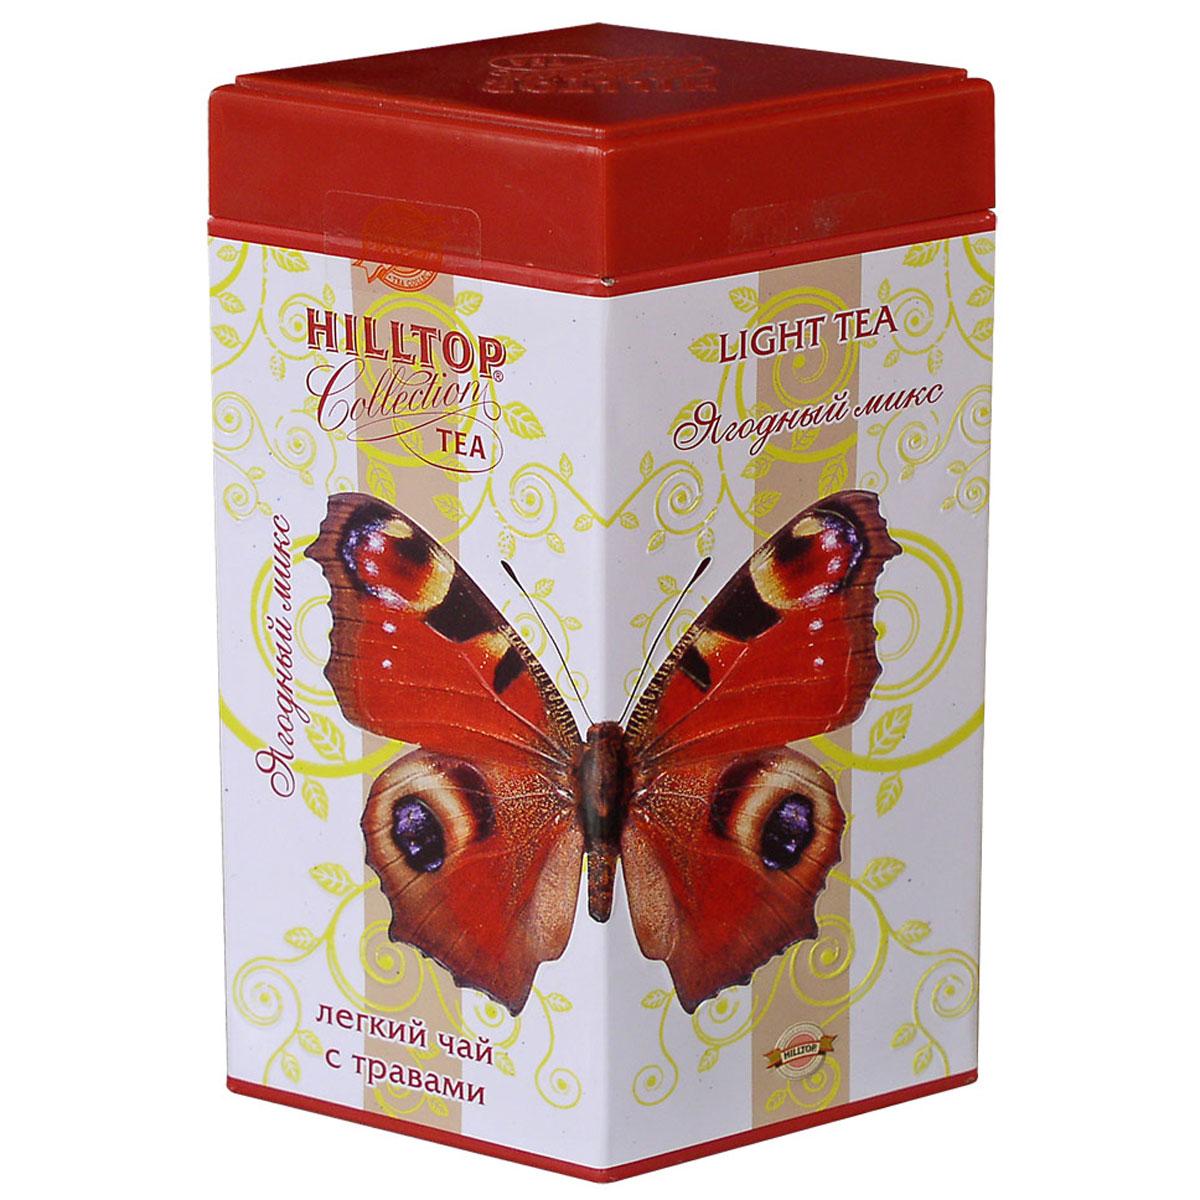 Hilltop Ягодный микс ароматизированный листовой чай, 100 г4607099301429Hilltop Ягодный микс - красочная и насыщенная смесь из черного чая и гибискуса, обогащенная кусочками манго, абрикоса, малины, яблока, изюма, шиповника и красной смородины.Легкий чай с травами- это современный взгляд на традиции чаепития, модный и свежий, смелый и романтичный. Основу смеси составляет чай, а благодаря повышенному содержанию трав, цветов и фруктово-ягодных добавок содержание кофеина в каждой чашке уменьшается. Зато появляется удовольствие от свежего аромата летних трав, нежного чайного вкуса и понимание того, что вы пьете удивительно гармоничный и полезный напитокВсё о чае: сорта, факты, советы по выбору и употреблению. Статья OZON Гид